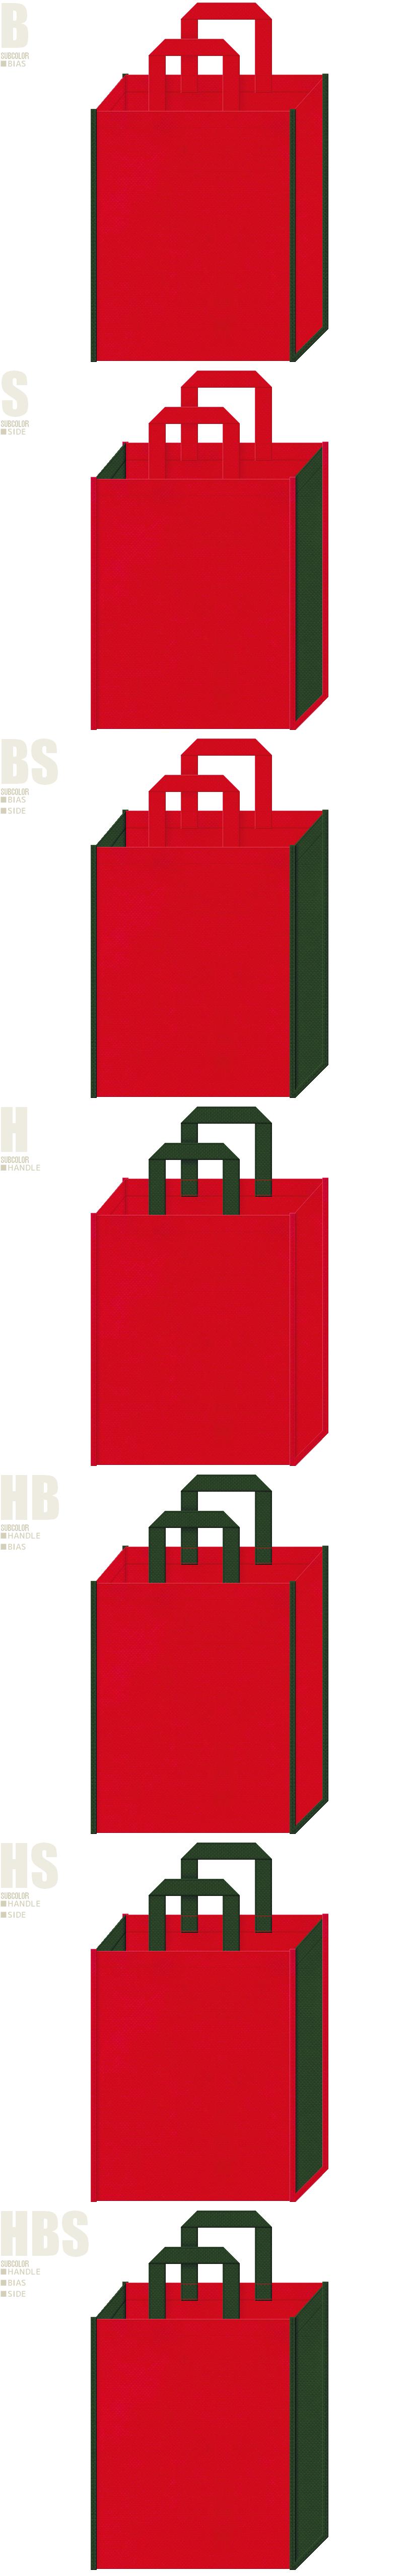 バーナー・コンロ・登山・キャンプ・アウトドアイベント・クリスマス・スイカ・イチゴ・トマト・濃縮トマト飲料の販促ノベルティにお奨めの不織布バッグデザイン:紅色と濃緑色の配色7パターン